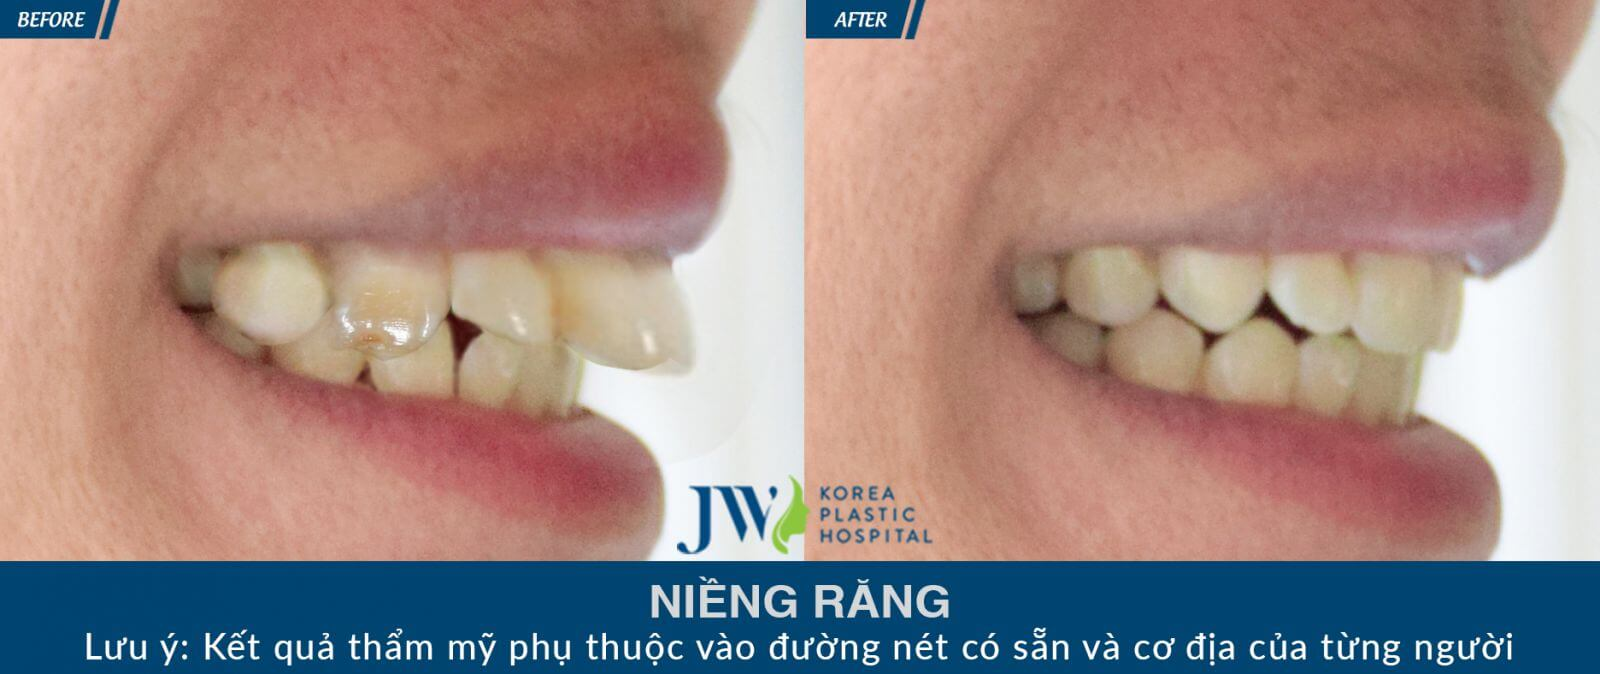 điều trị hô do răng với phương pháp niềng răng chỉnh nha - hình 1